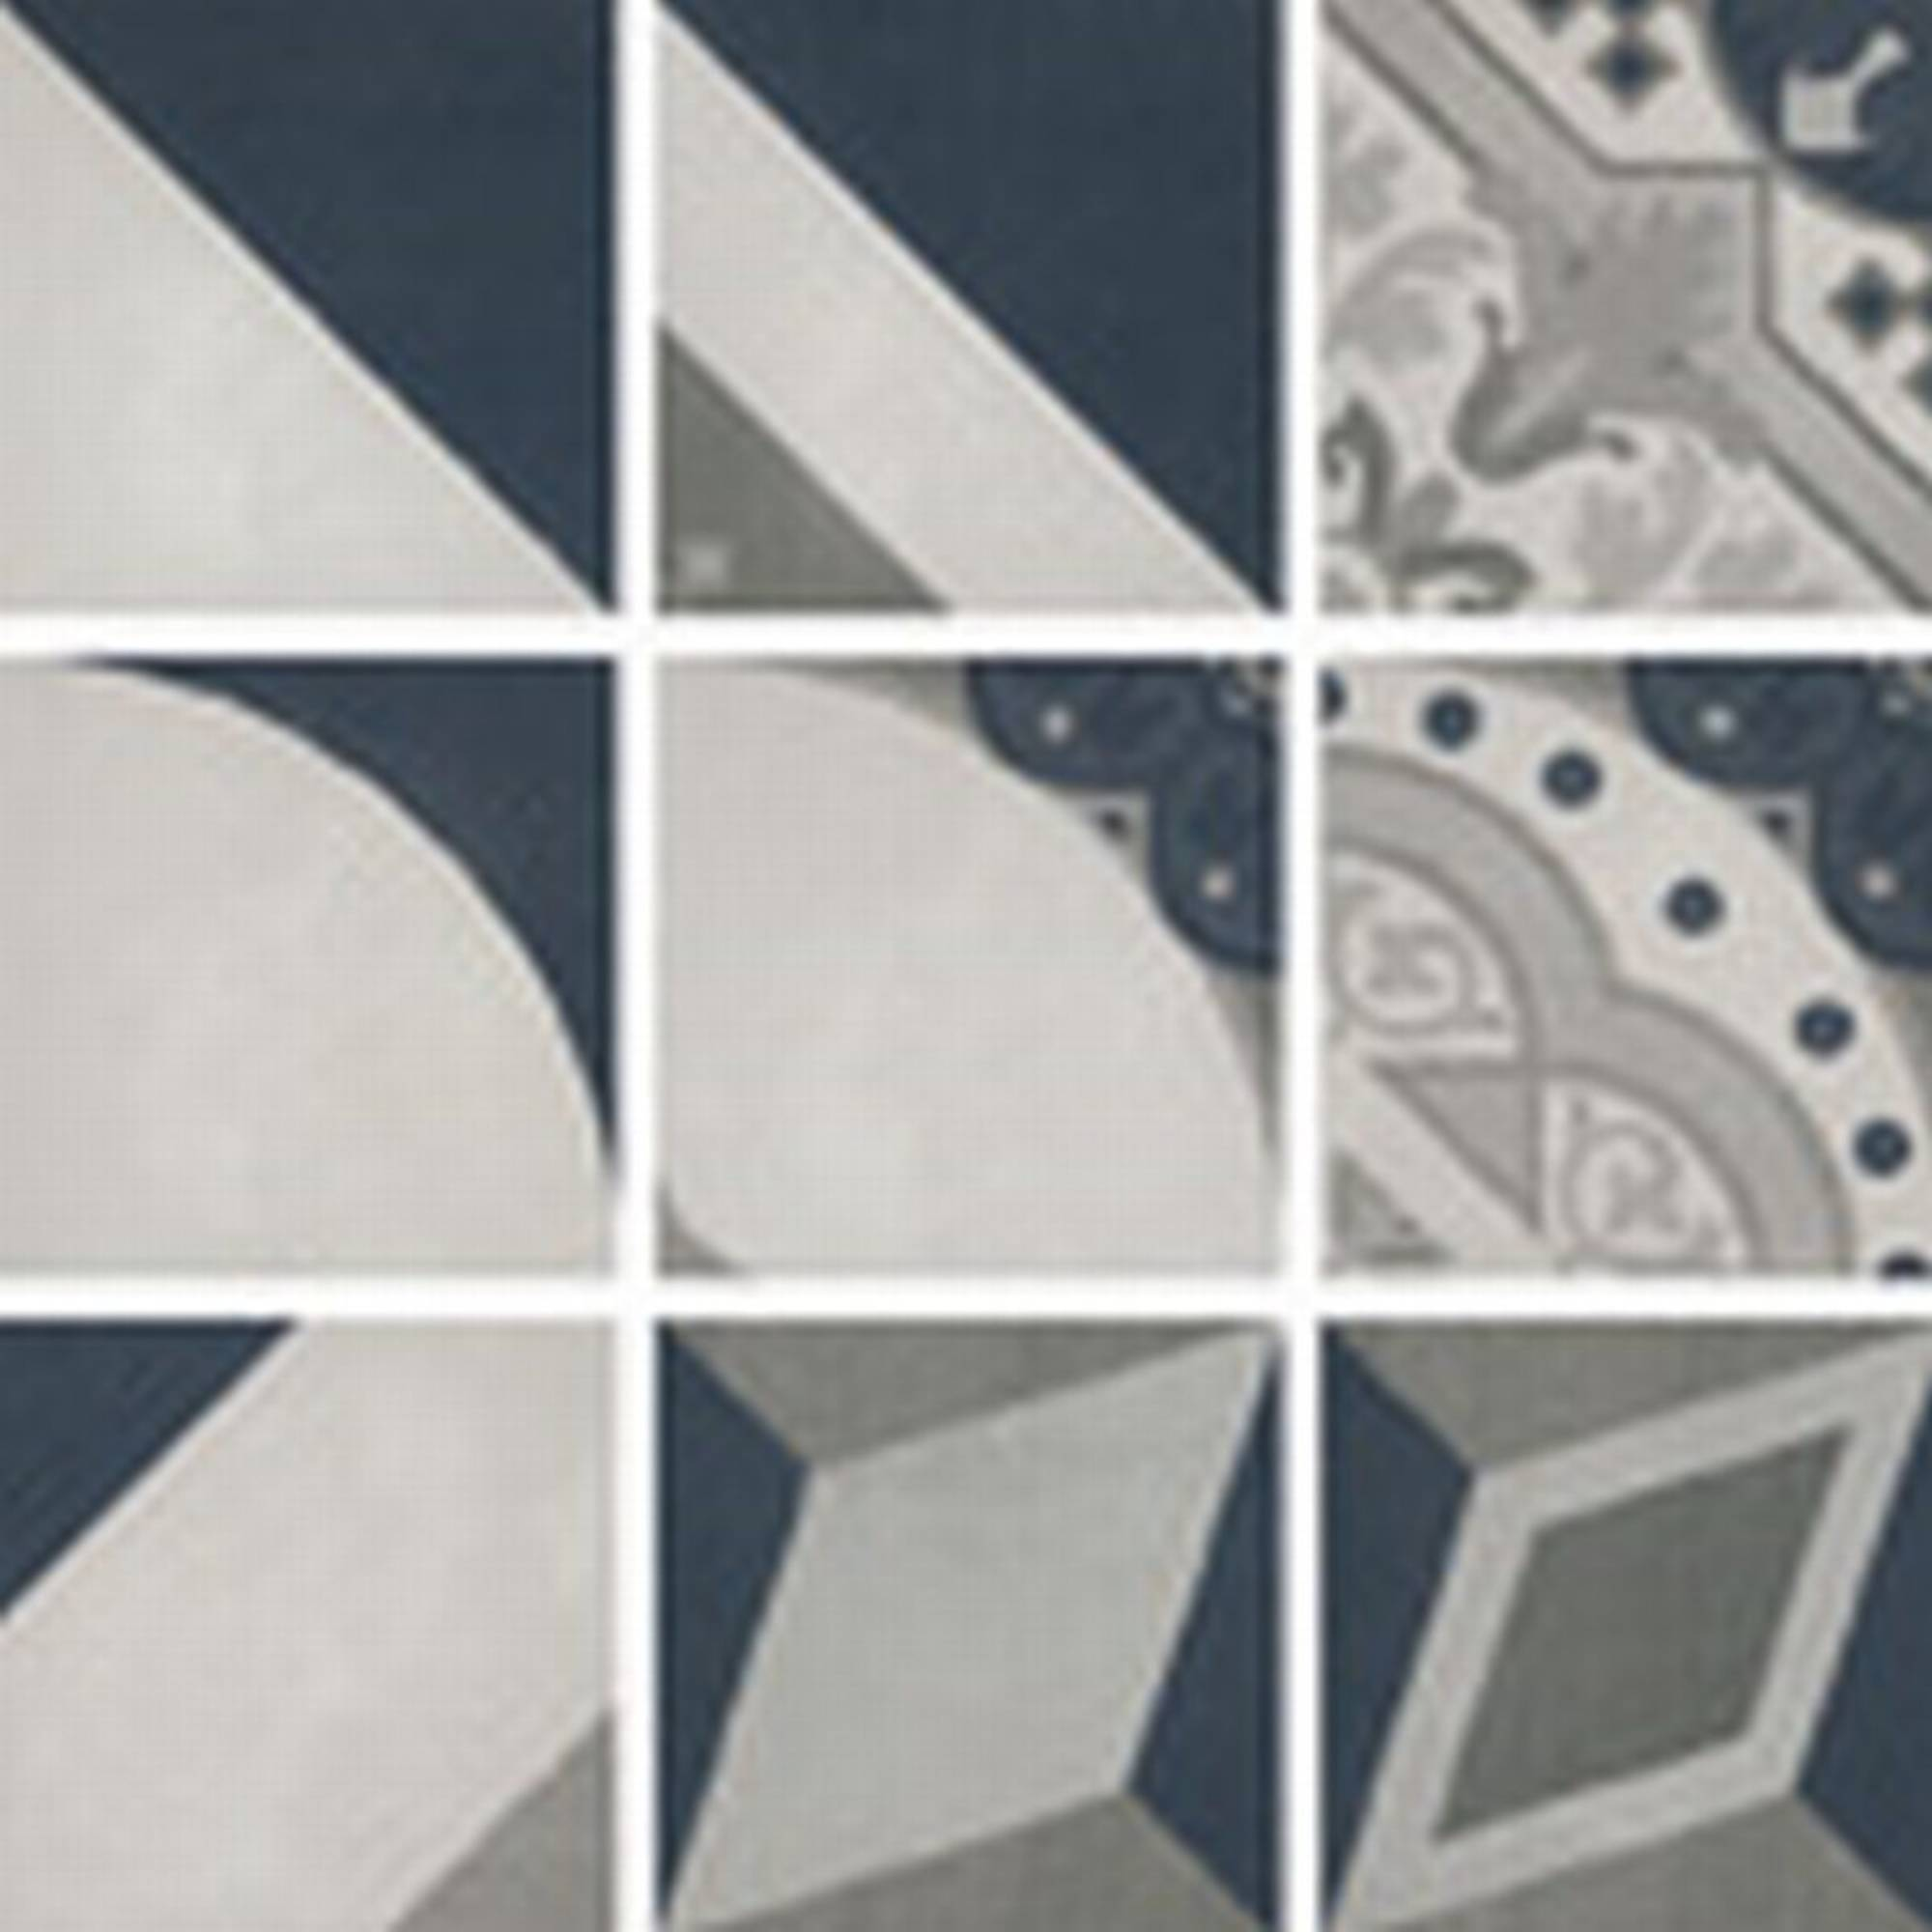 Villeroy & boch Century unlimited decortegel 20 x 20 cm., meerkleurig koud